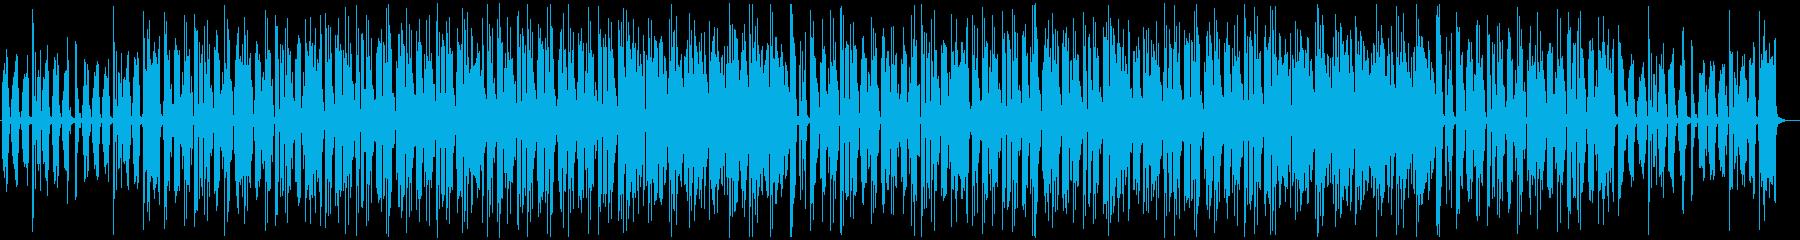 都会的で軽快なエレキギターのチルホップの再生済みの波形